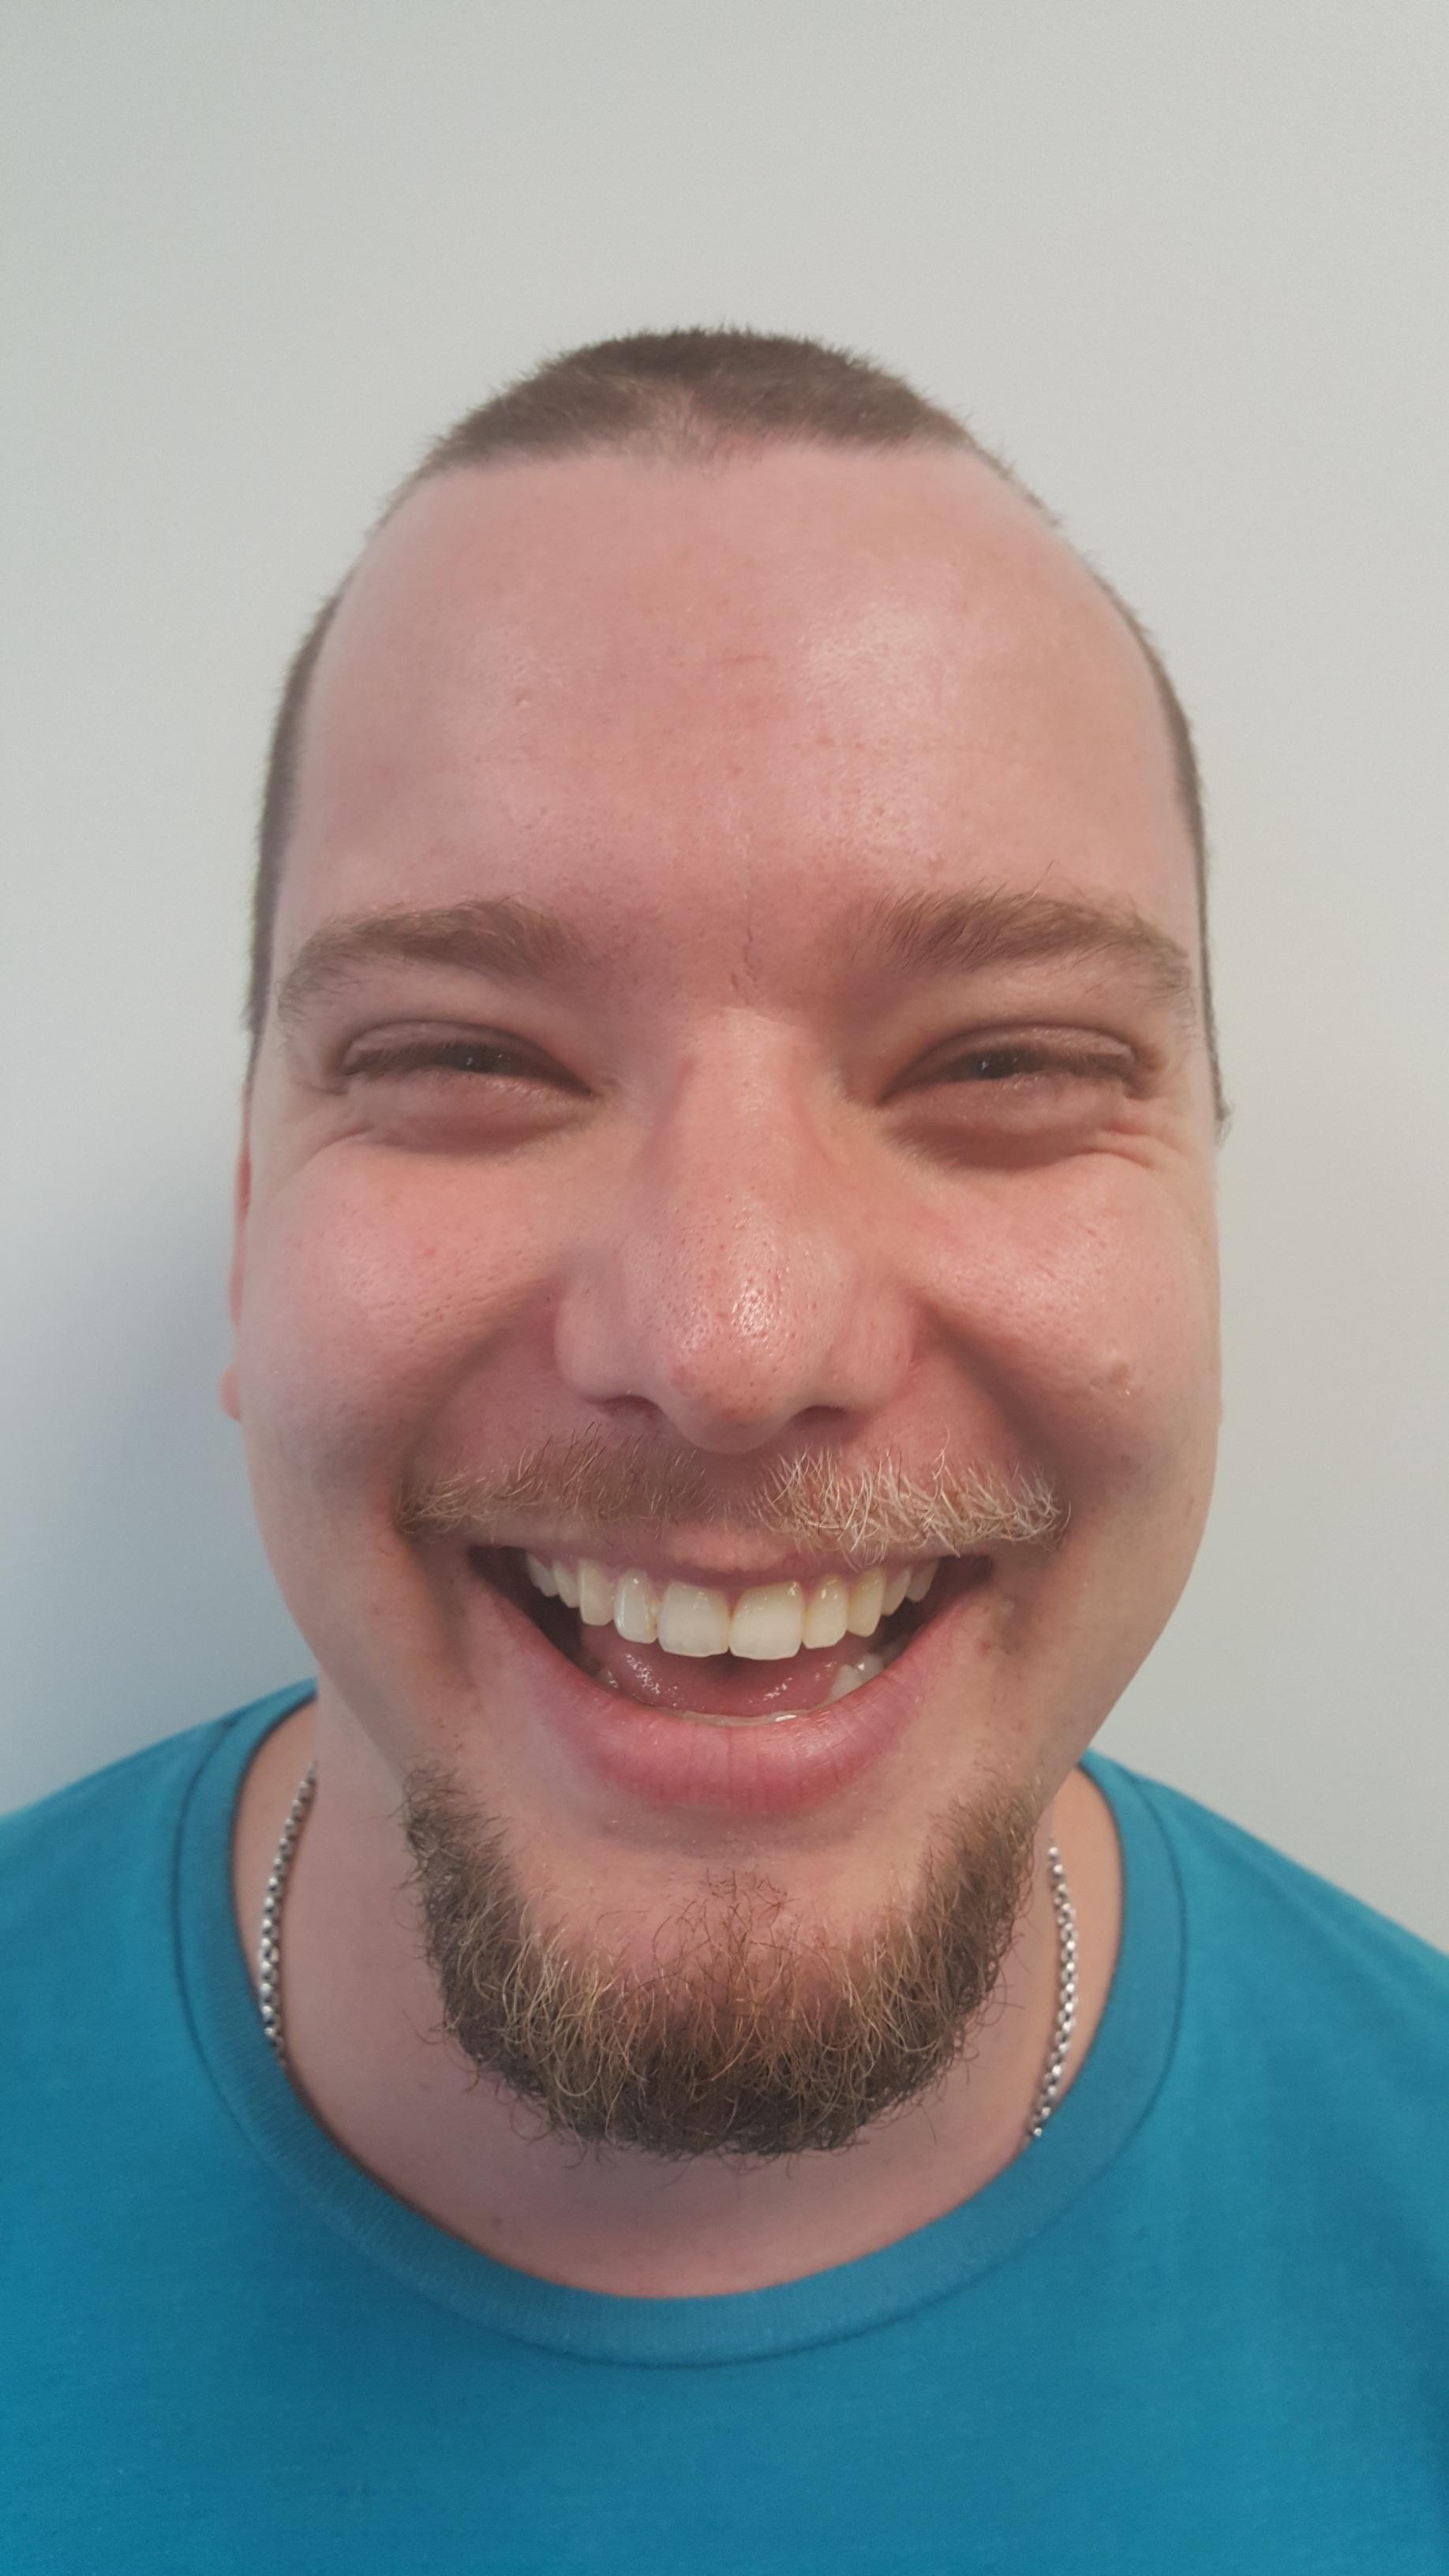 Triquestra Movember